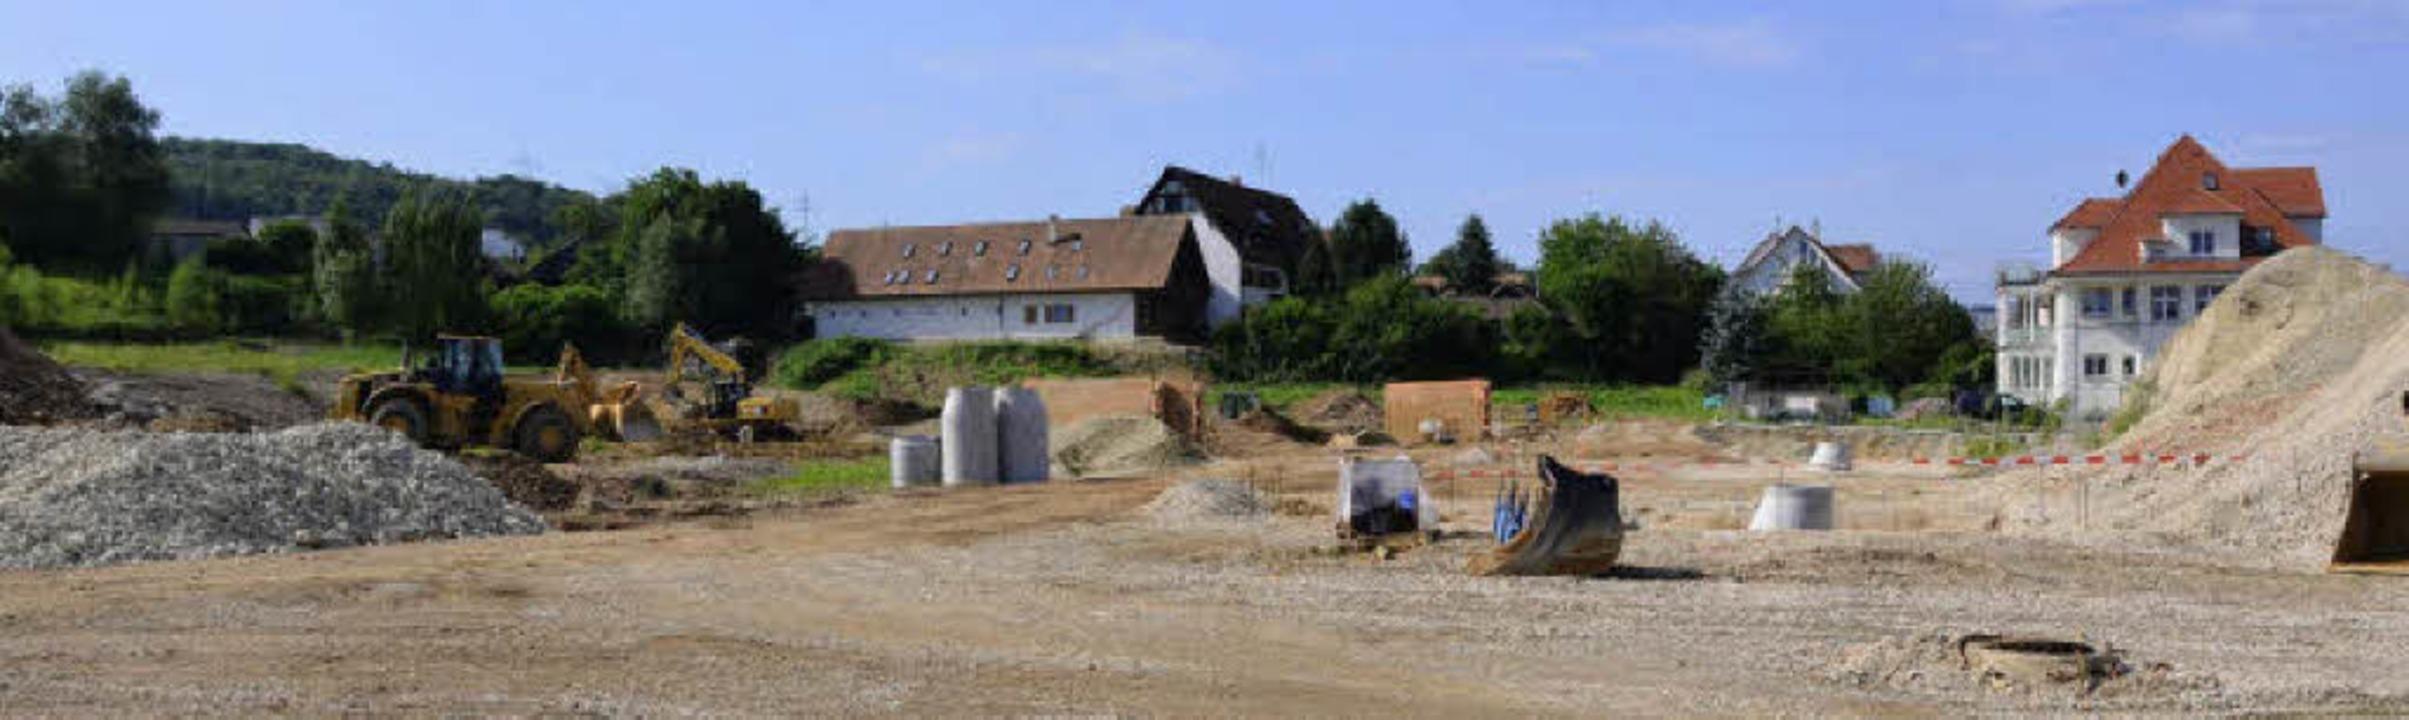 Die Erschließungsarbeiten des Tonwerkeareals Rümmingen sind in vollem Gange.     Foto: Markus Maier